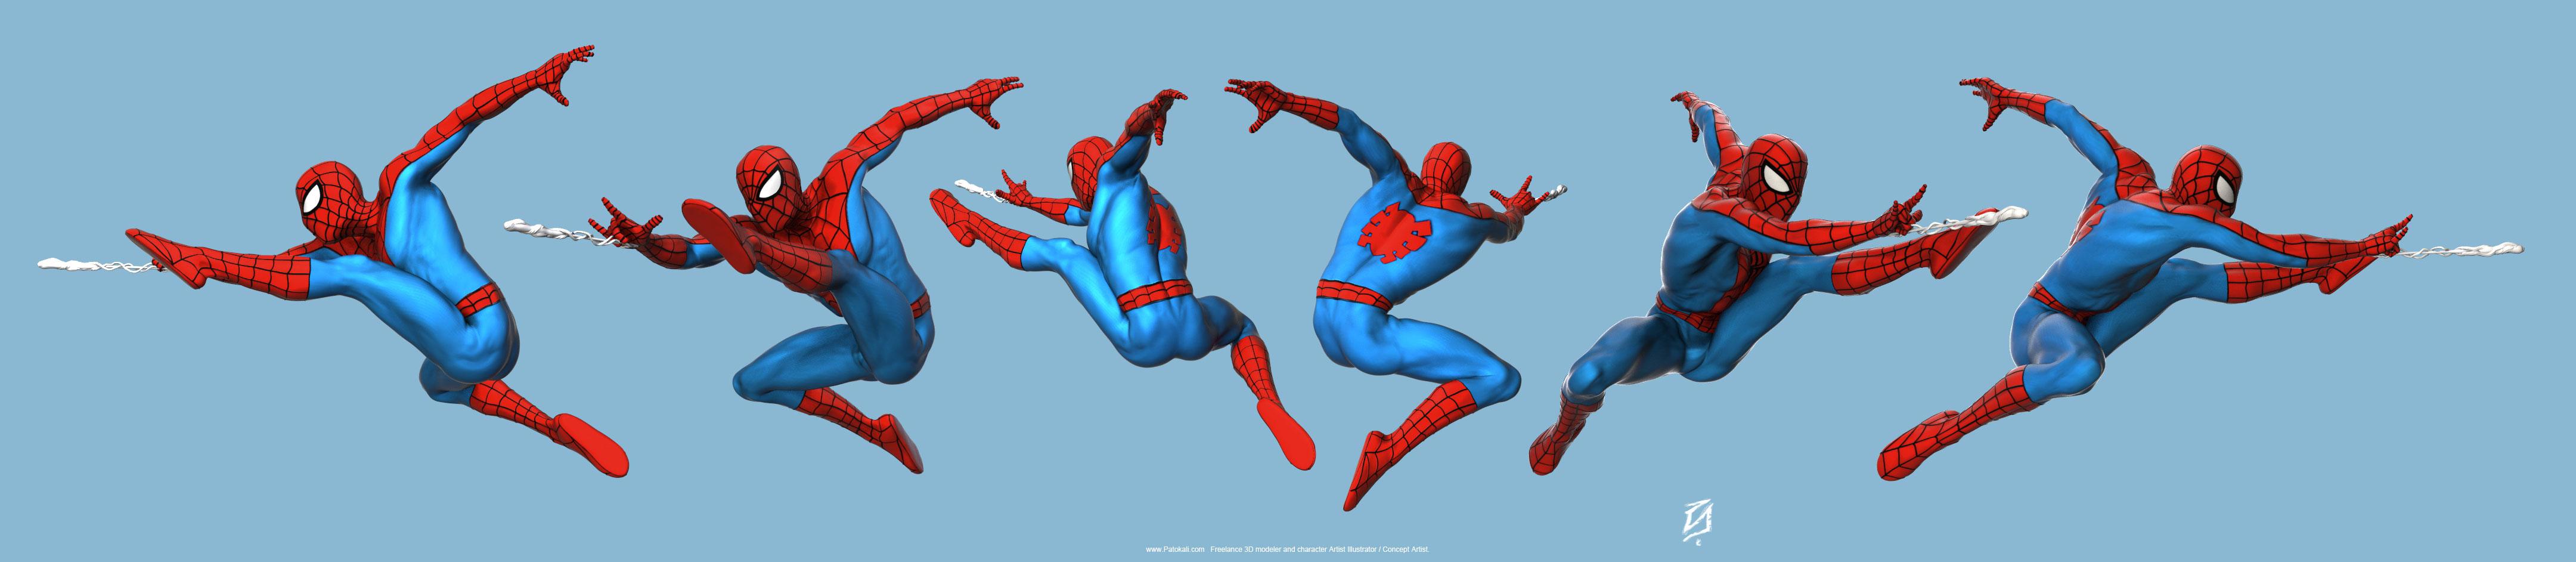 Spiderman-patokali-KSLRW-02 by patokali